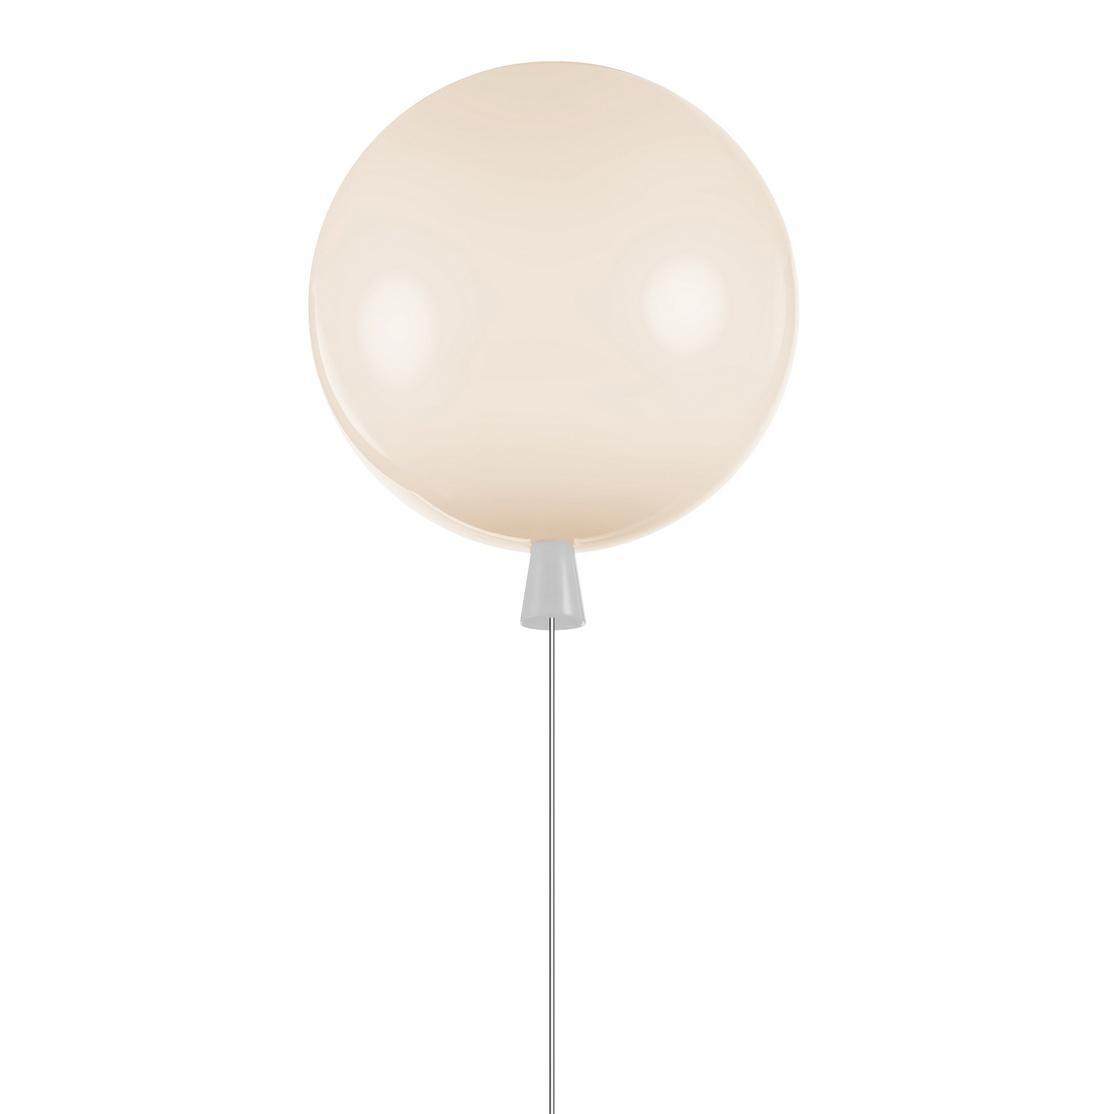 Настенный светильник Loft IT 5055W/S white настенный светильник loft it loft1344w